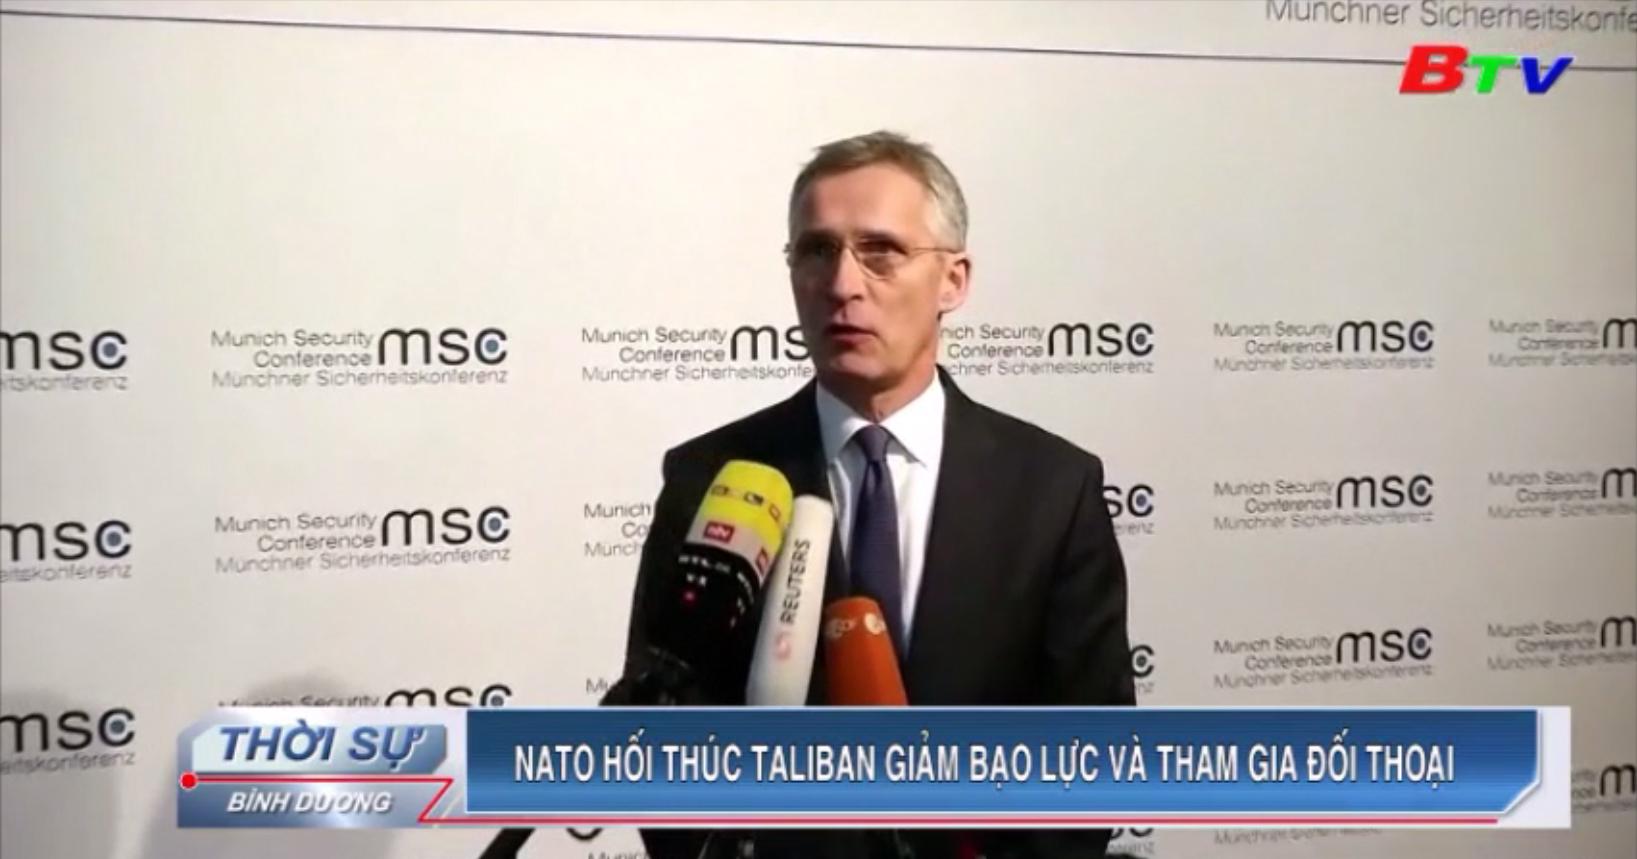 NATO hối thúc Taliban giảm bạo lực và tham gia đối thoại